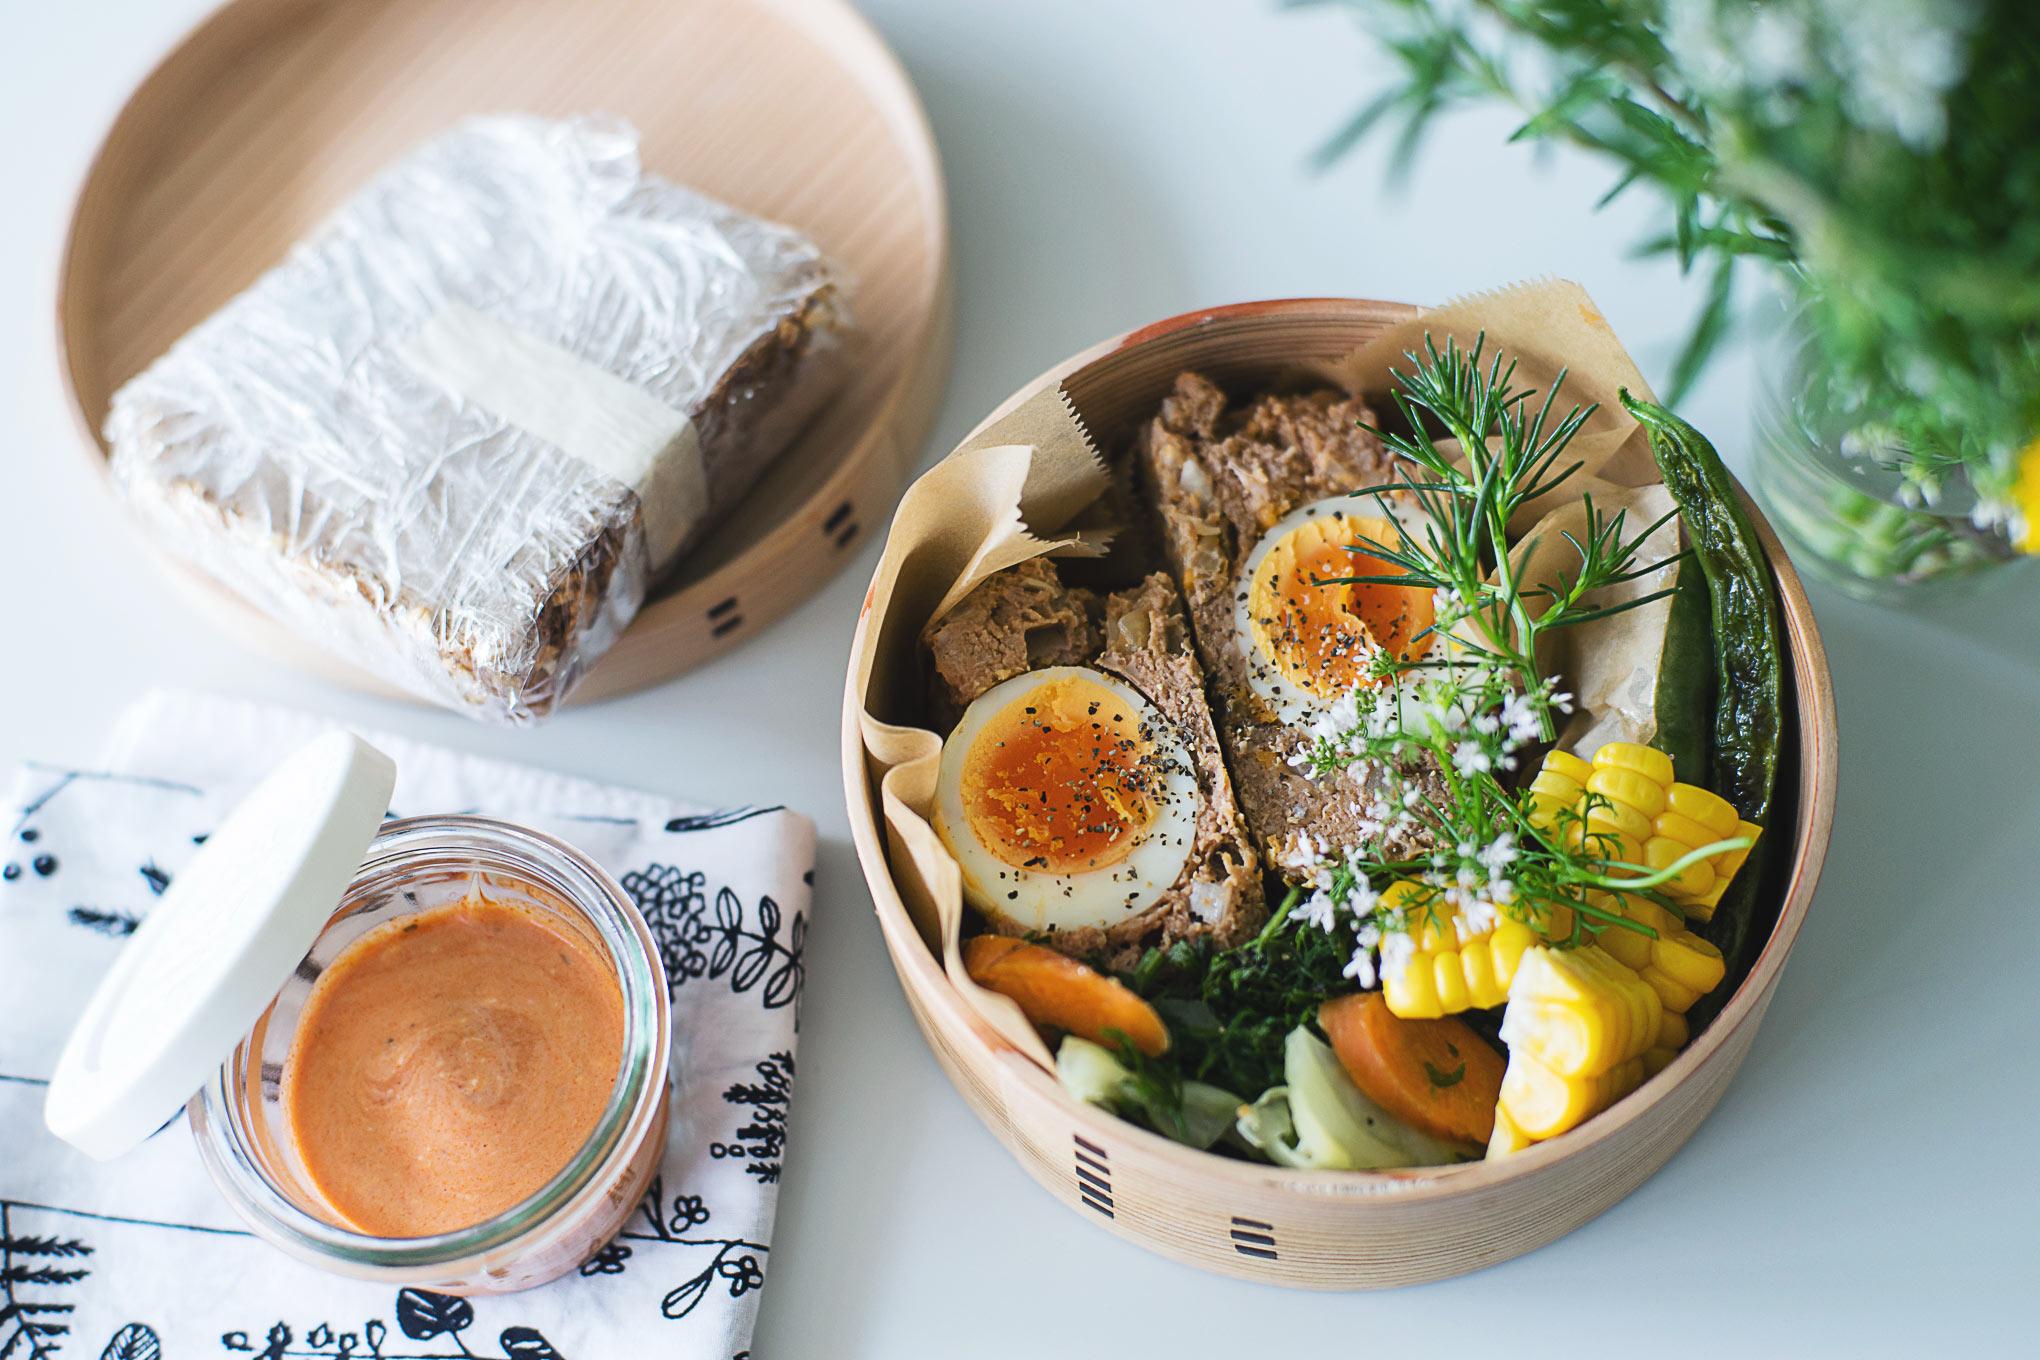 ゆで卵入りのミートローフ弁当と、冷凍サンドイッチ。